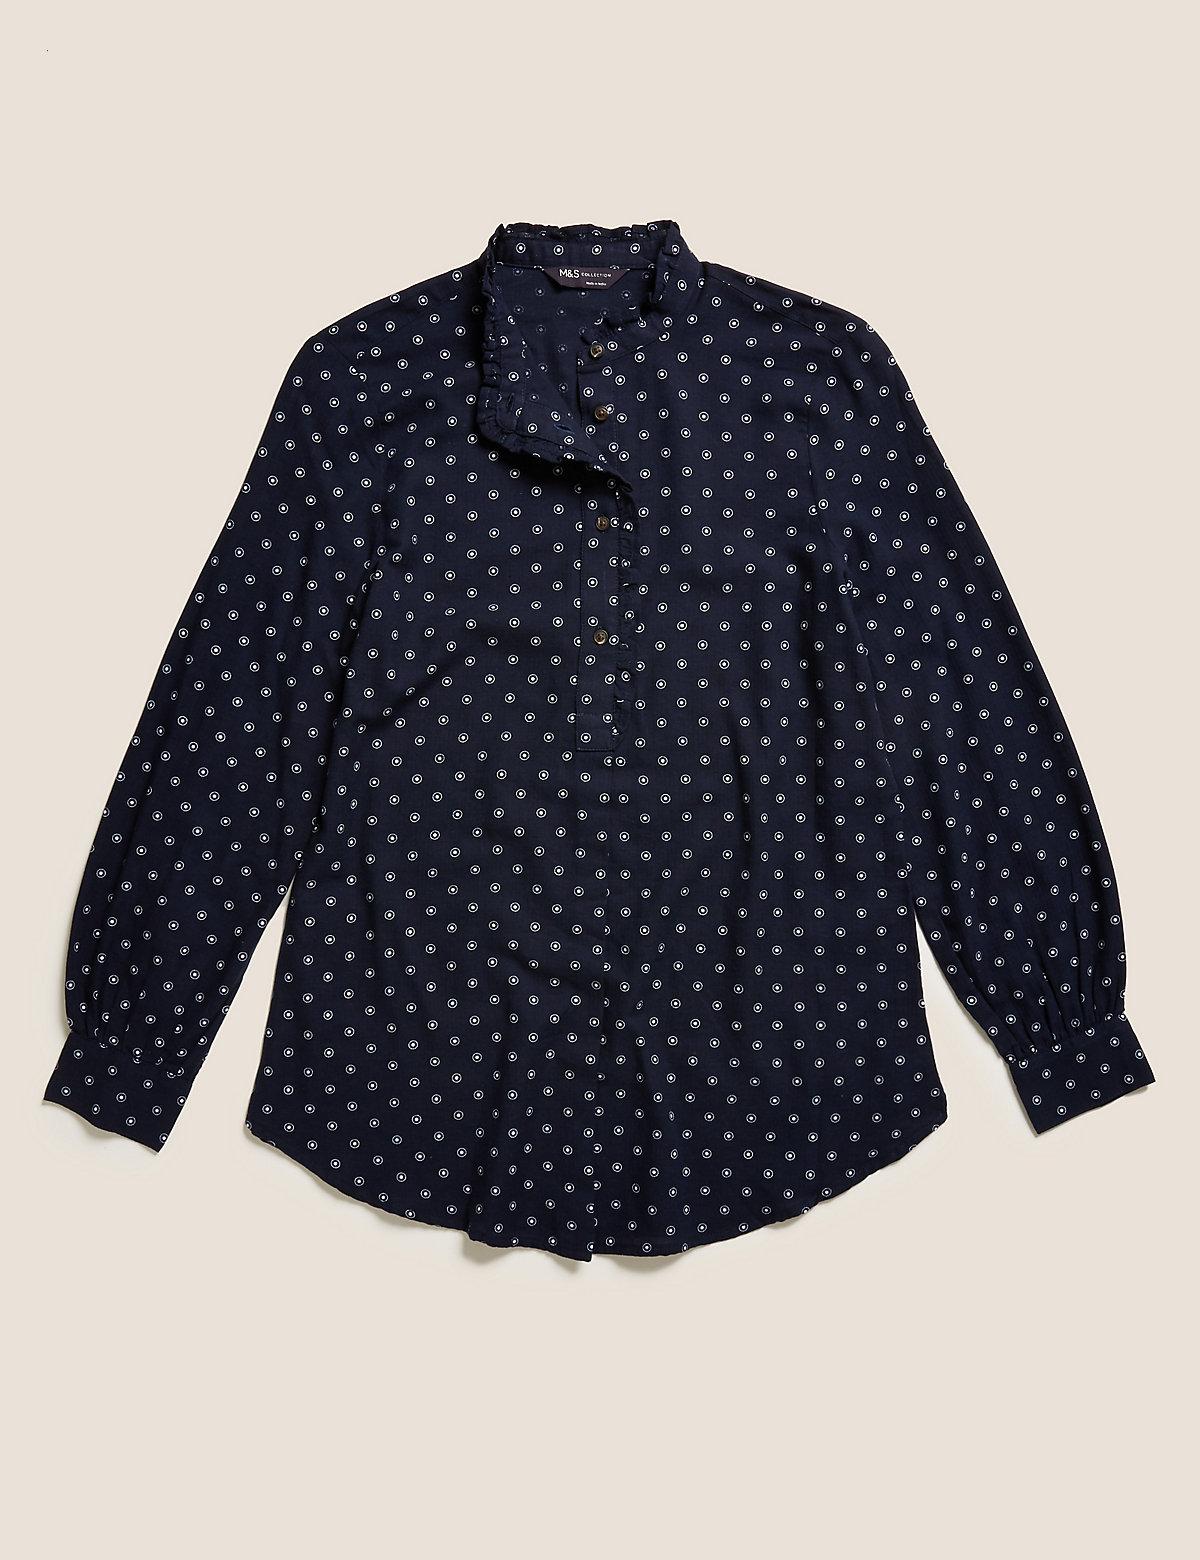 Блузка удлиненная с длинным рукавом из хлопка в горошек